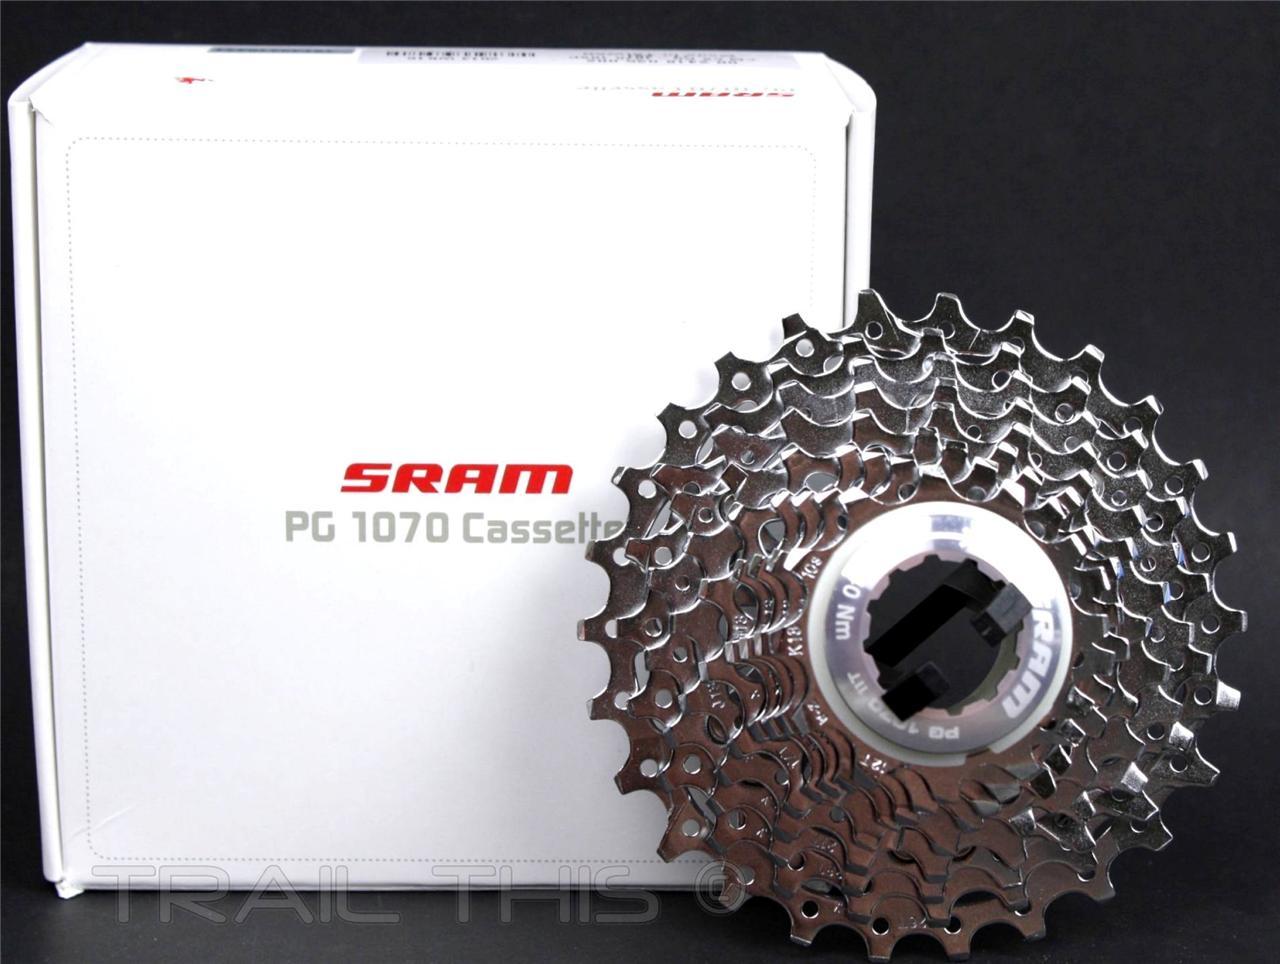 SRAM Rival//Force PG-1070 Cassette 10 S 11-26